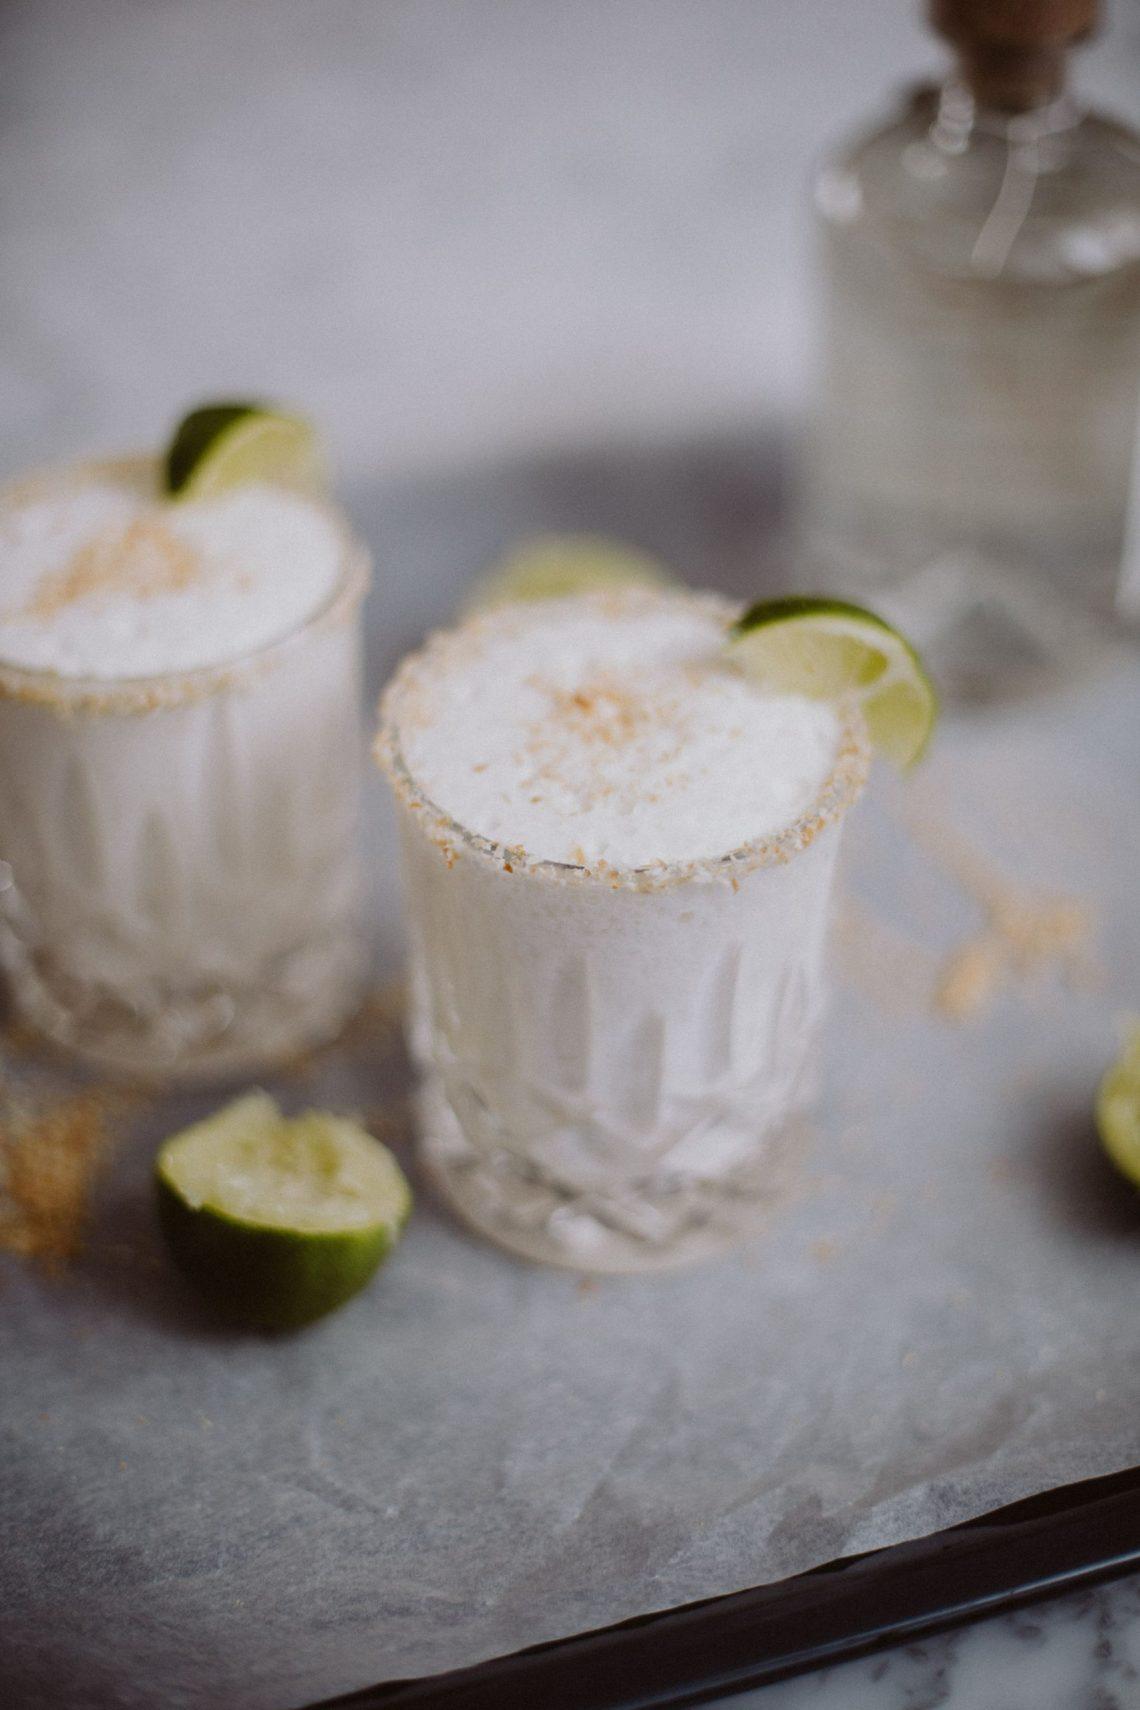 Bubbly Friday: Toasted Coconut Margarita